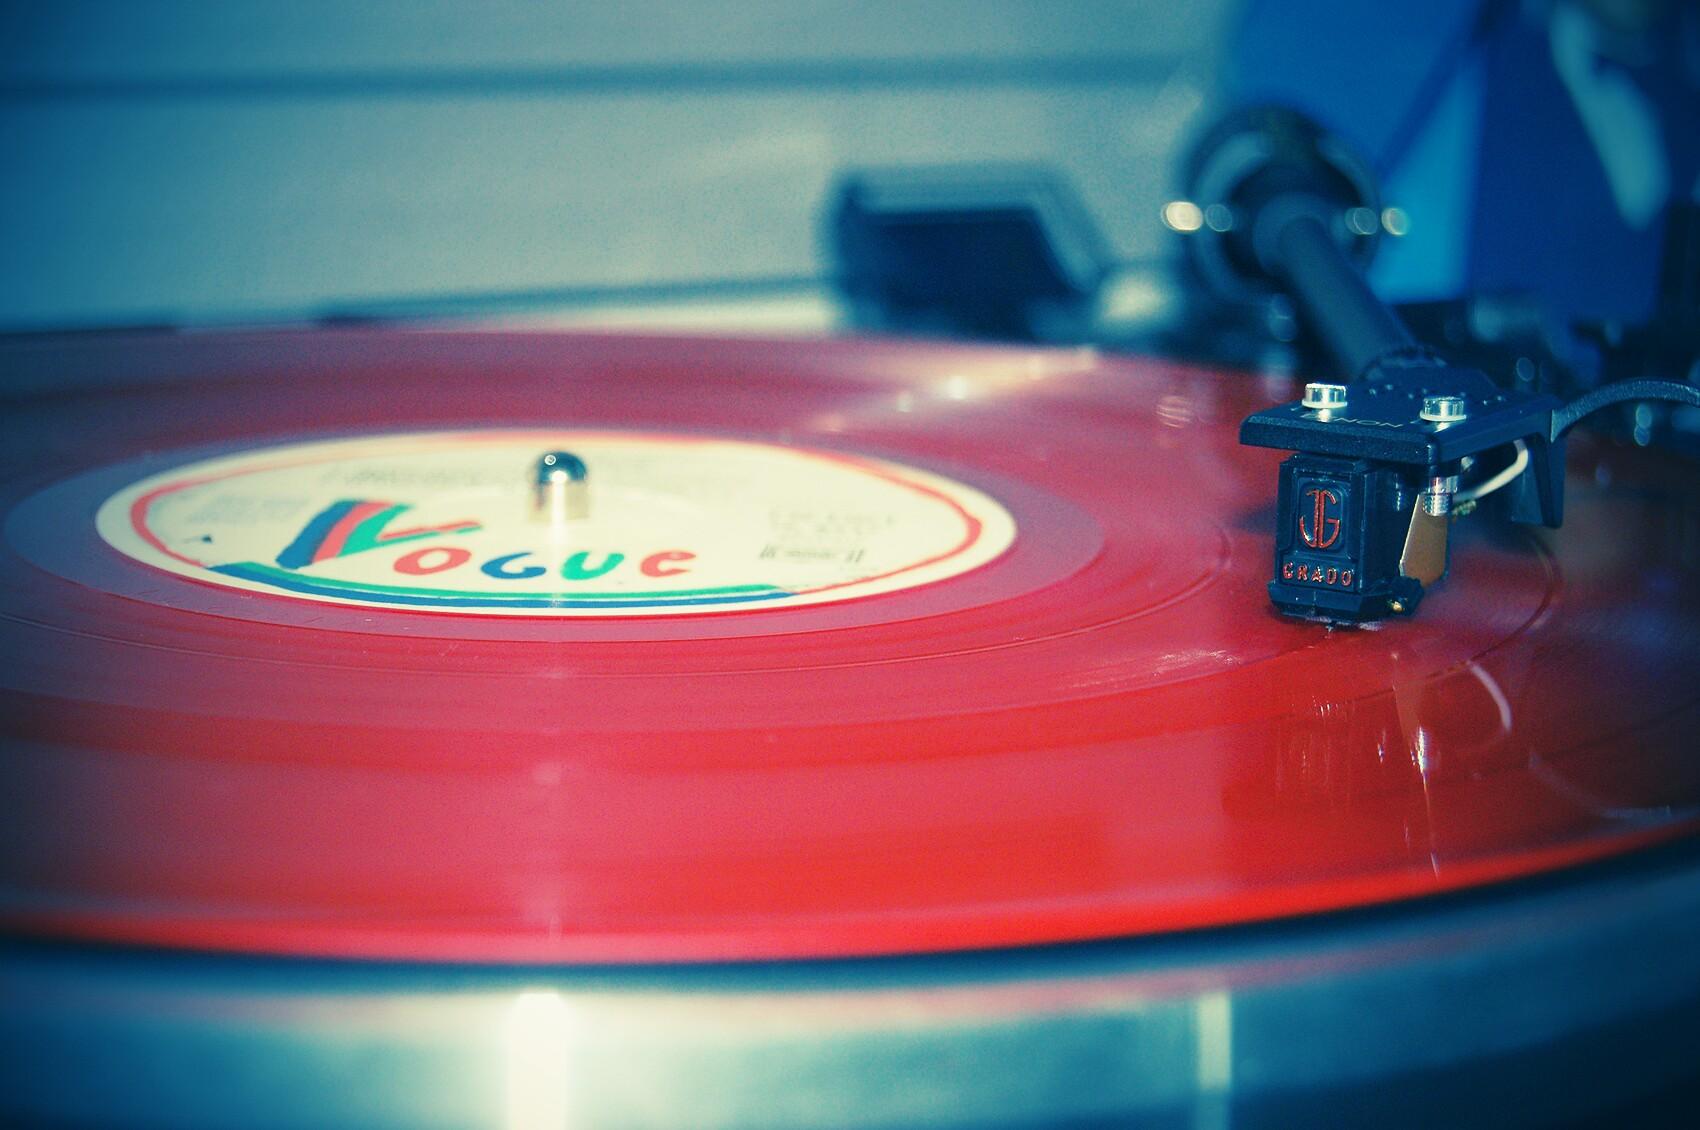 Le disque rouge de Abba Voulez Vous